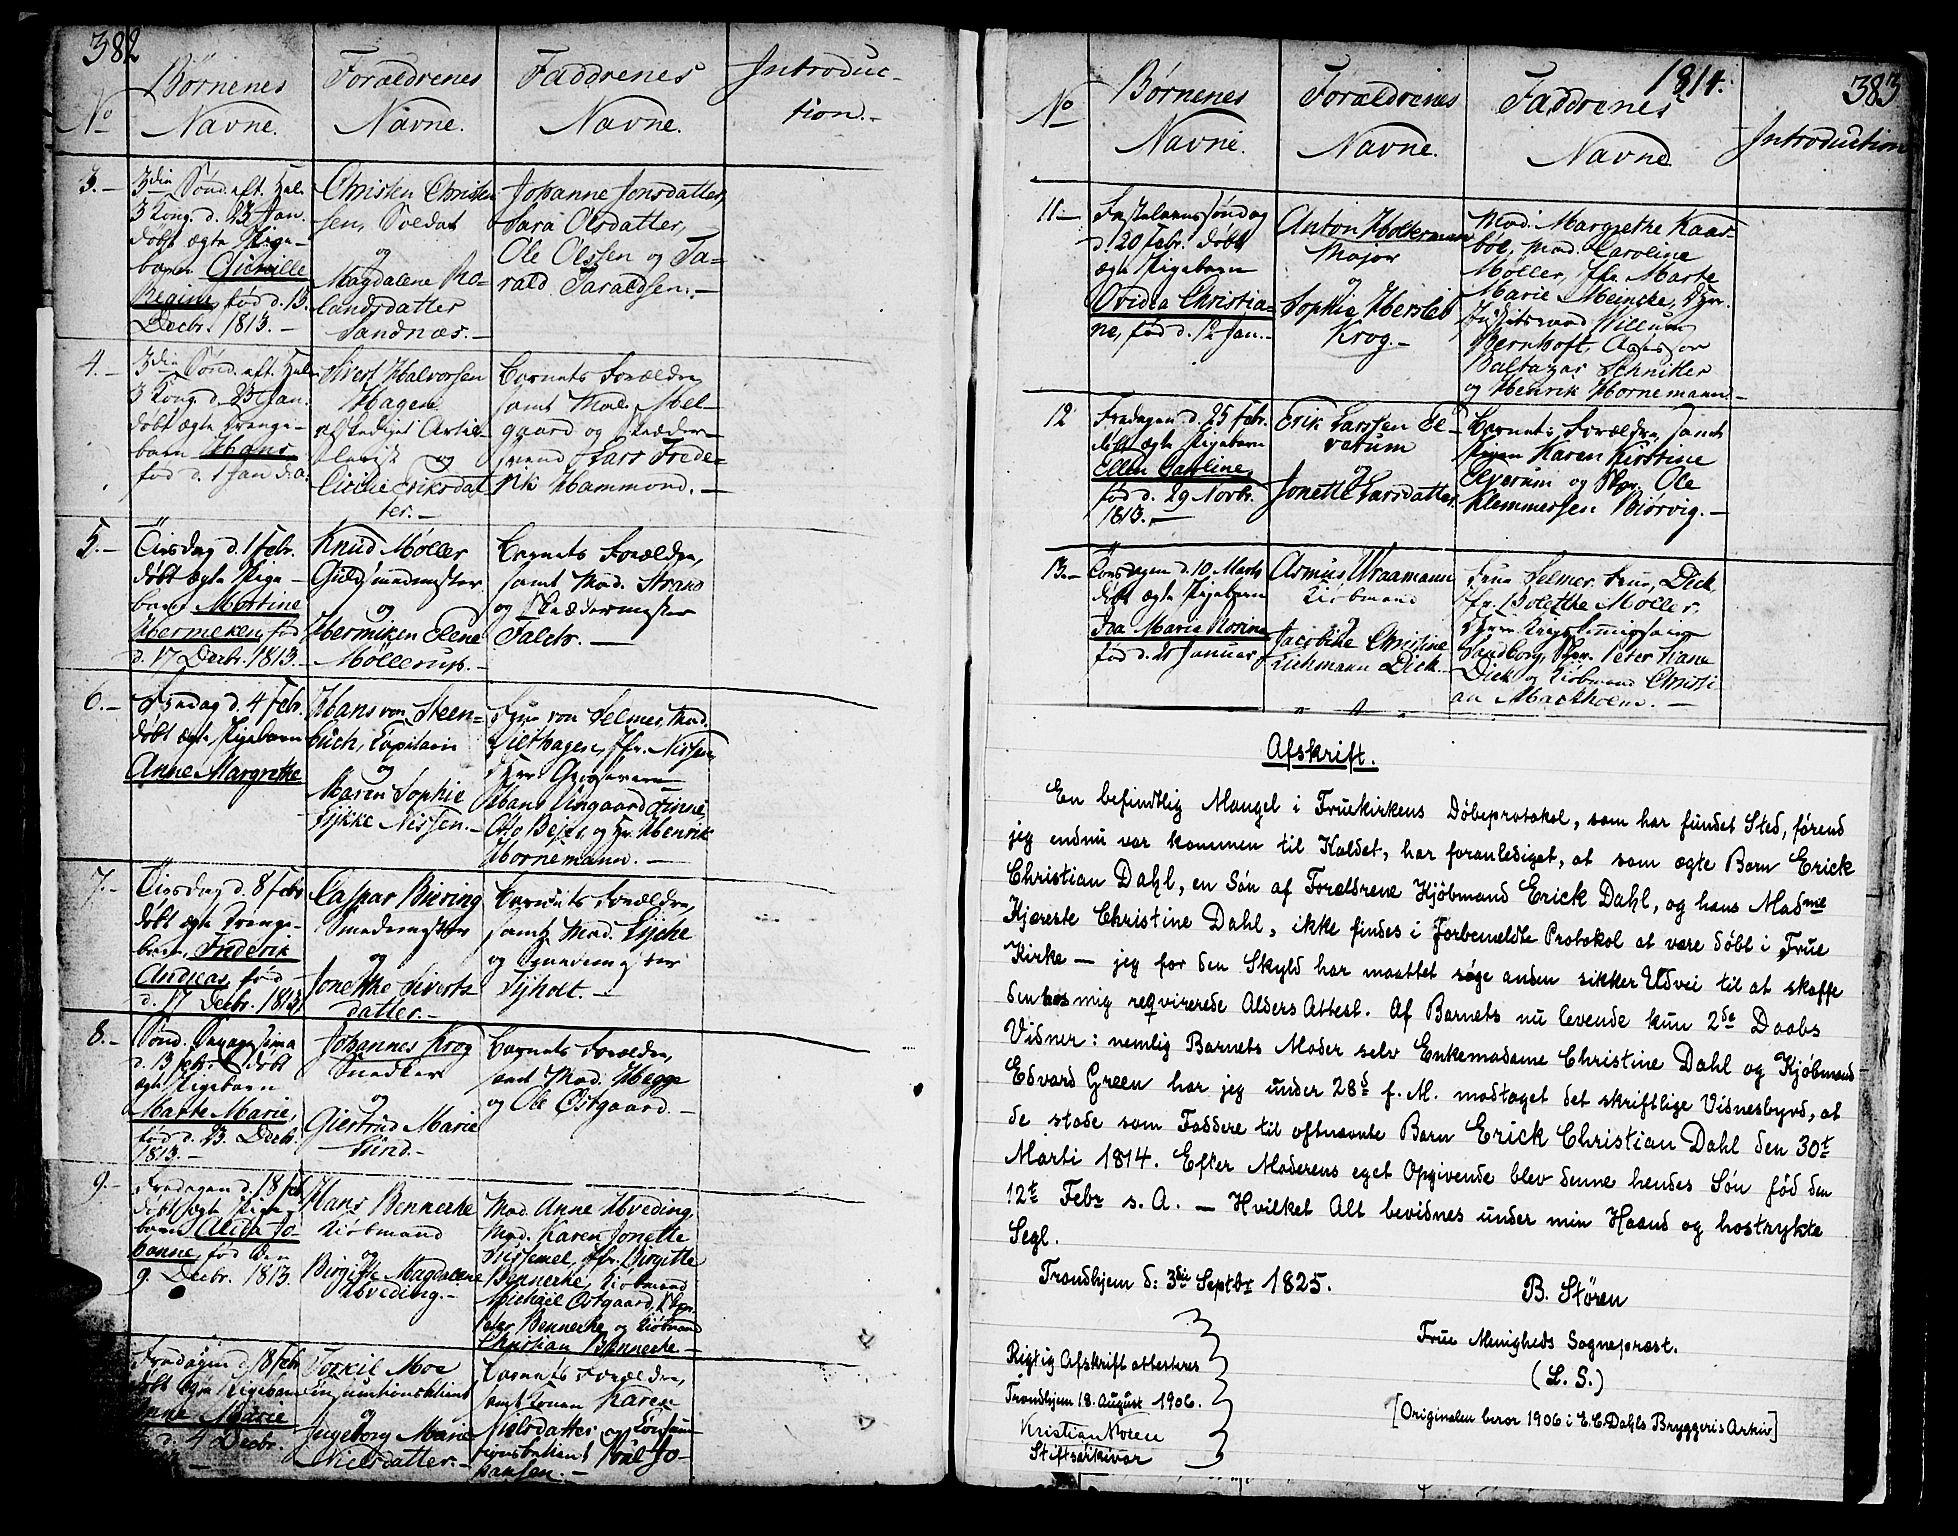 SAT, Ministerialprotokoller, klokkerbøker og fødselsregistre - Sør-Trøndelag, 602/L0104: Ministerialbok nr. 602A02, 1774-1814, s. 382-383